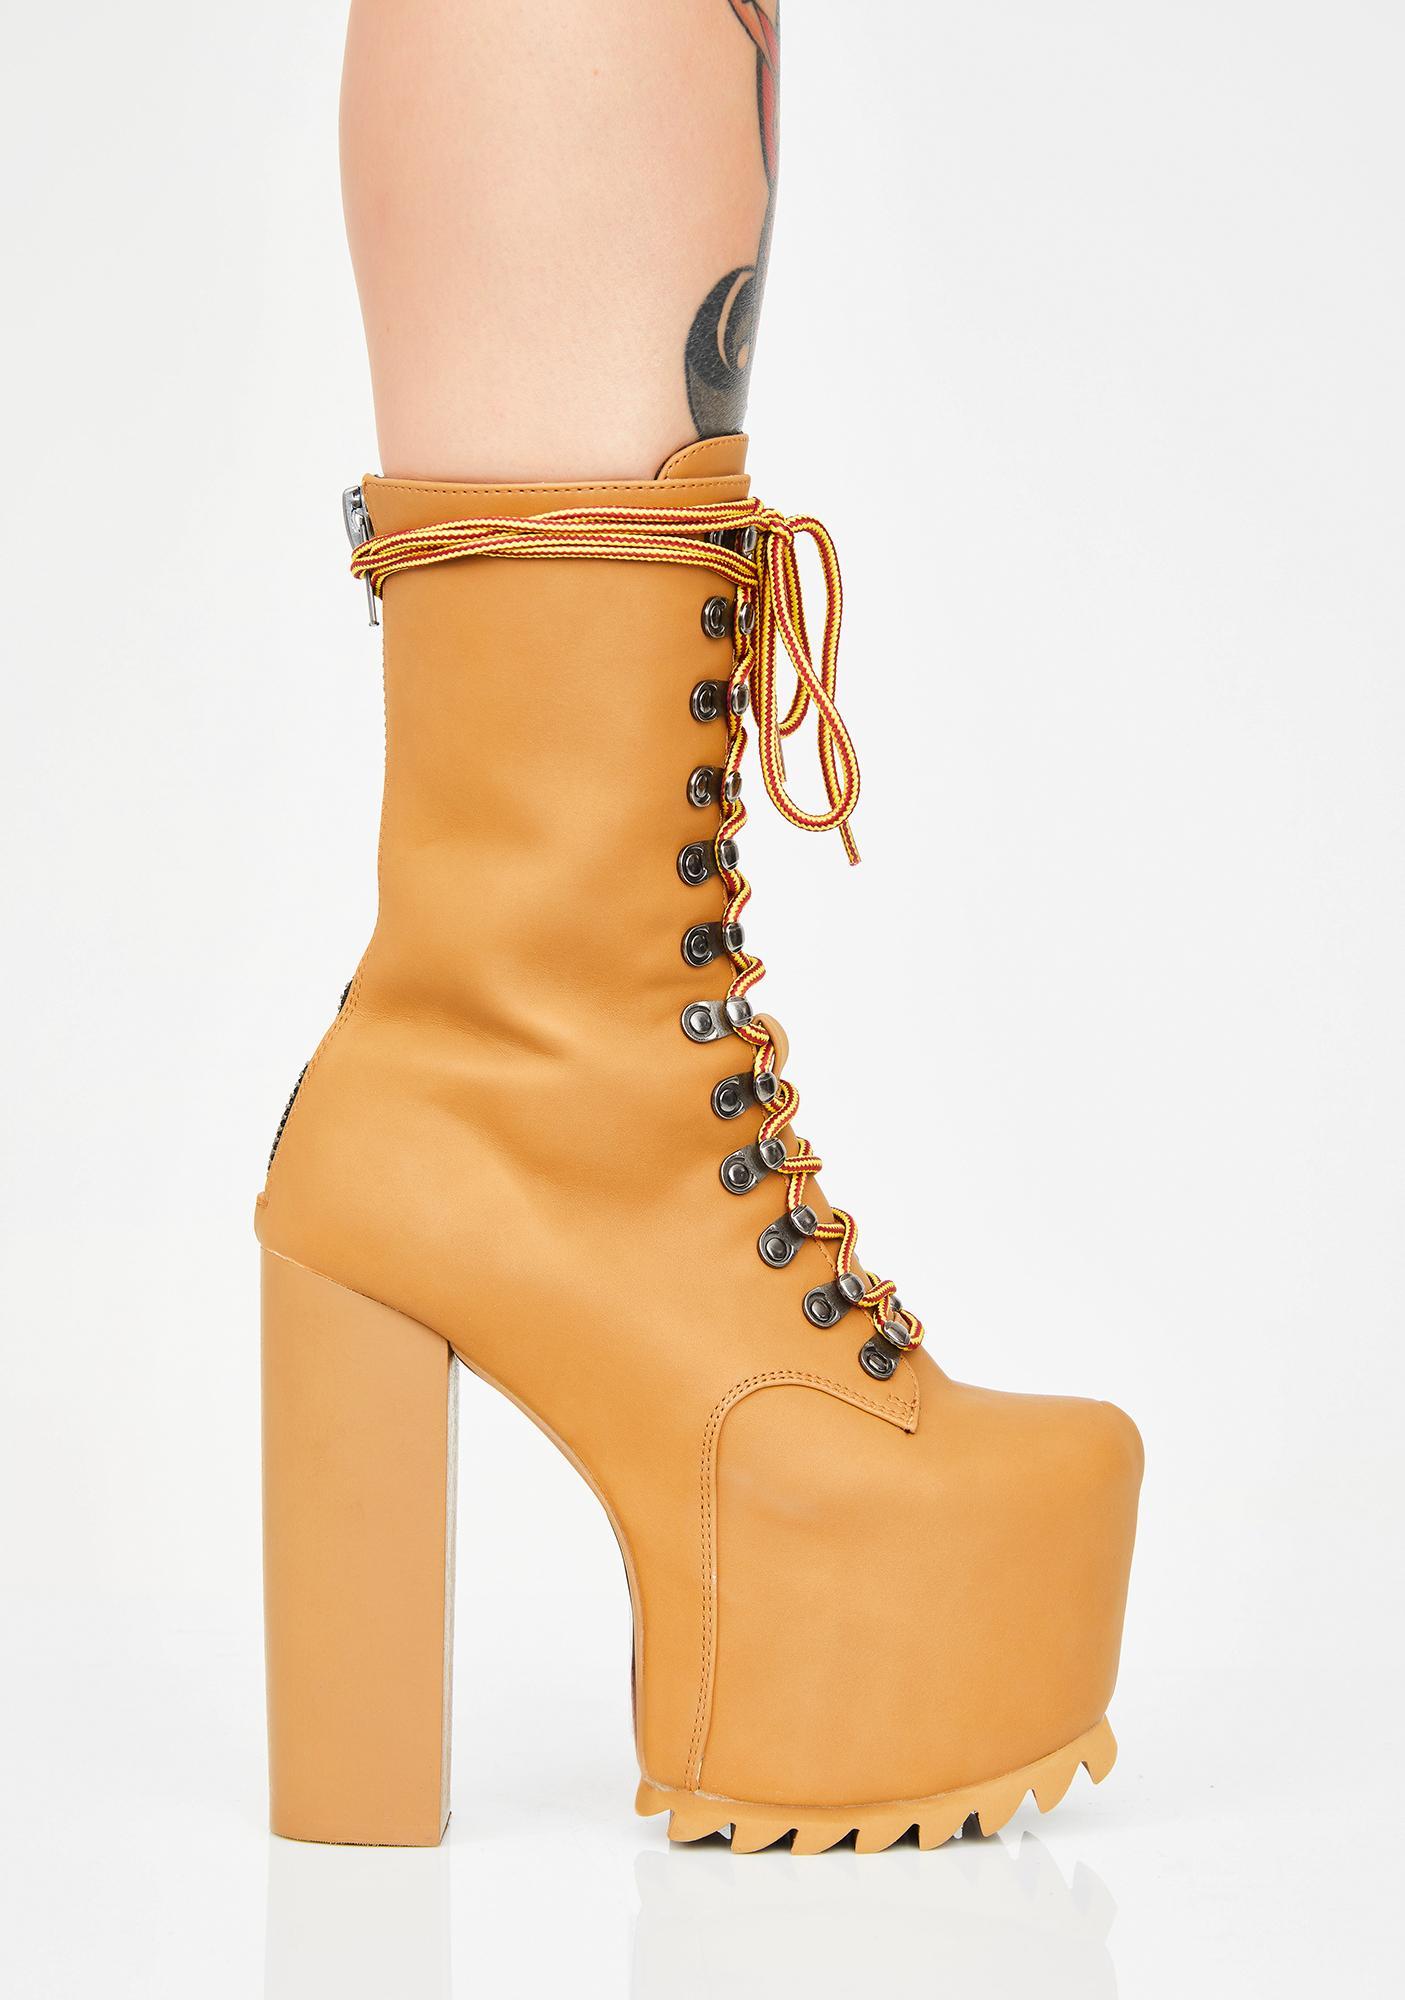 Poster Grl Haute Hikers Nola Boots